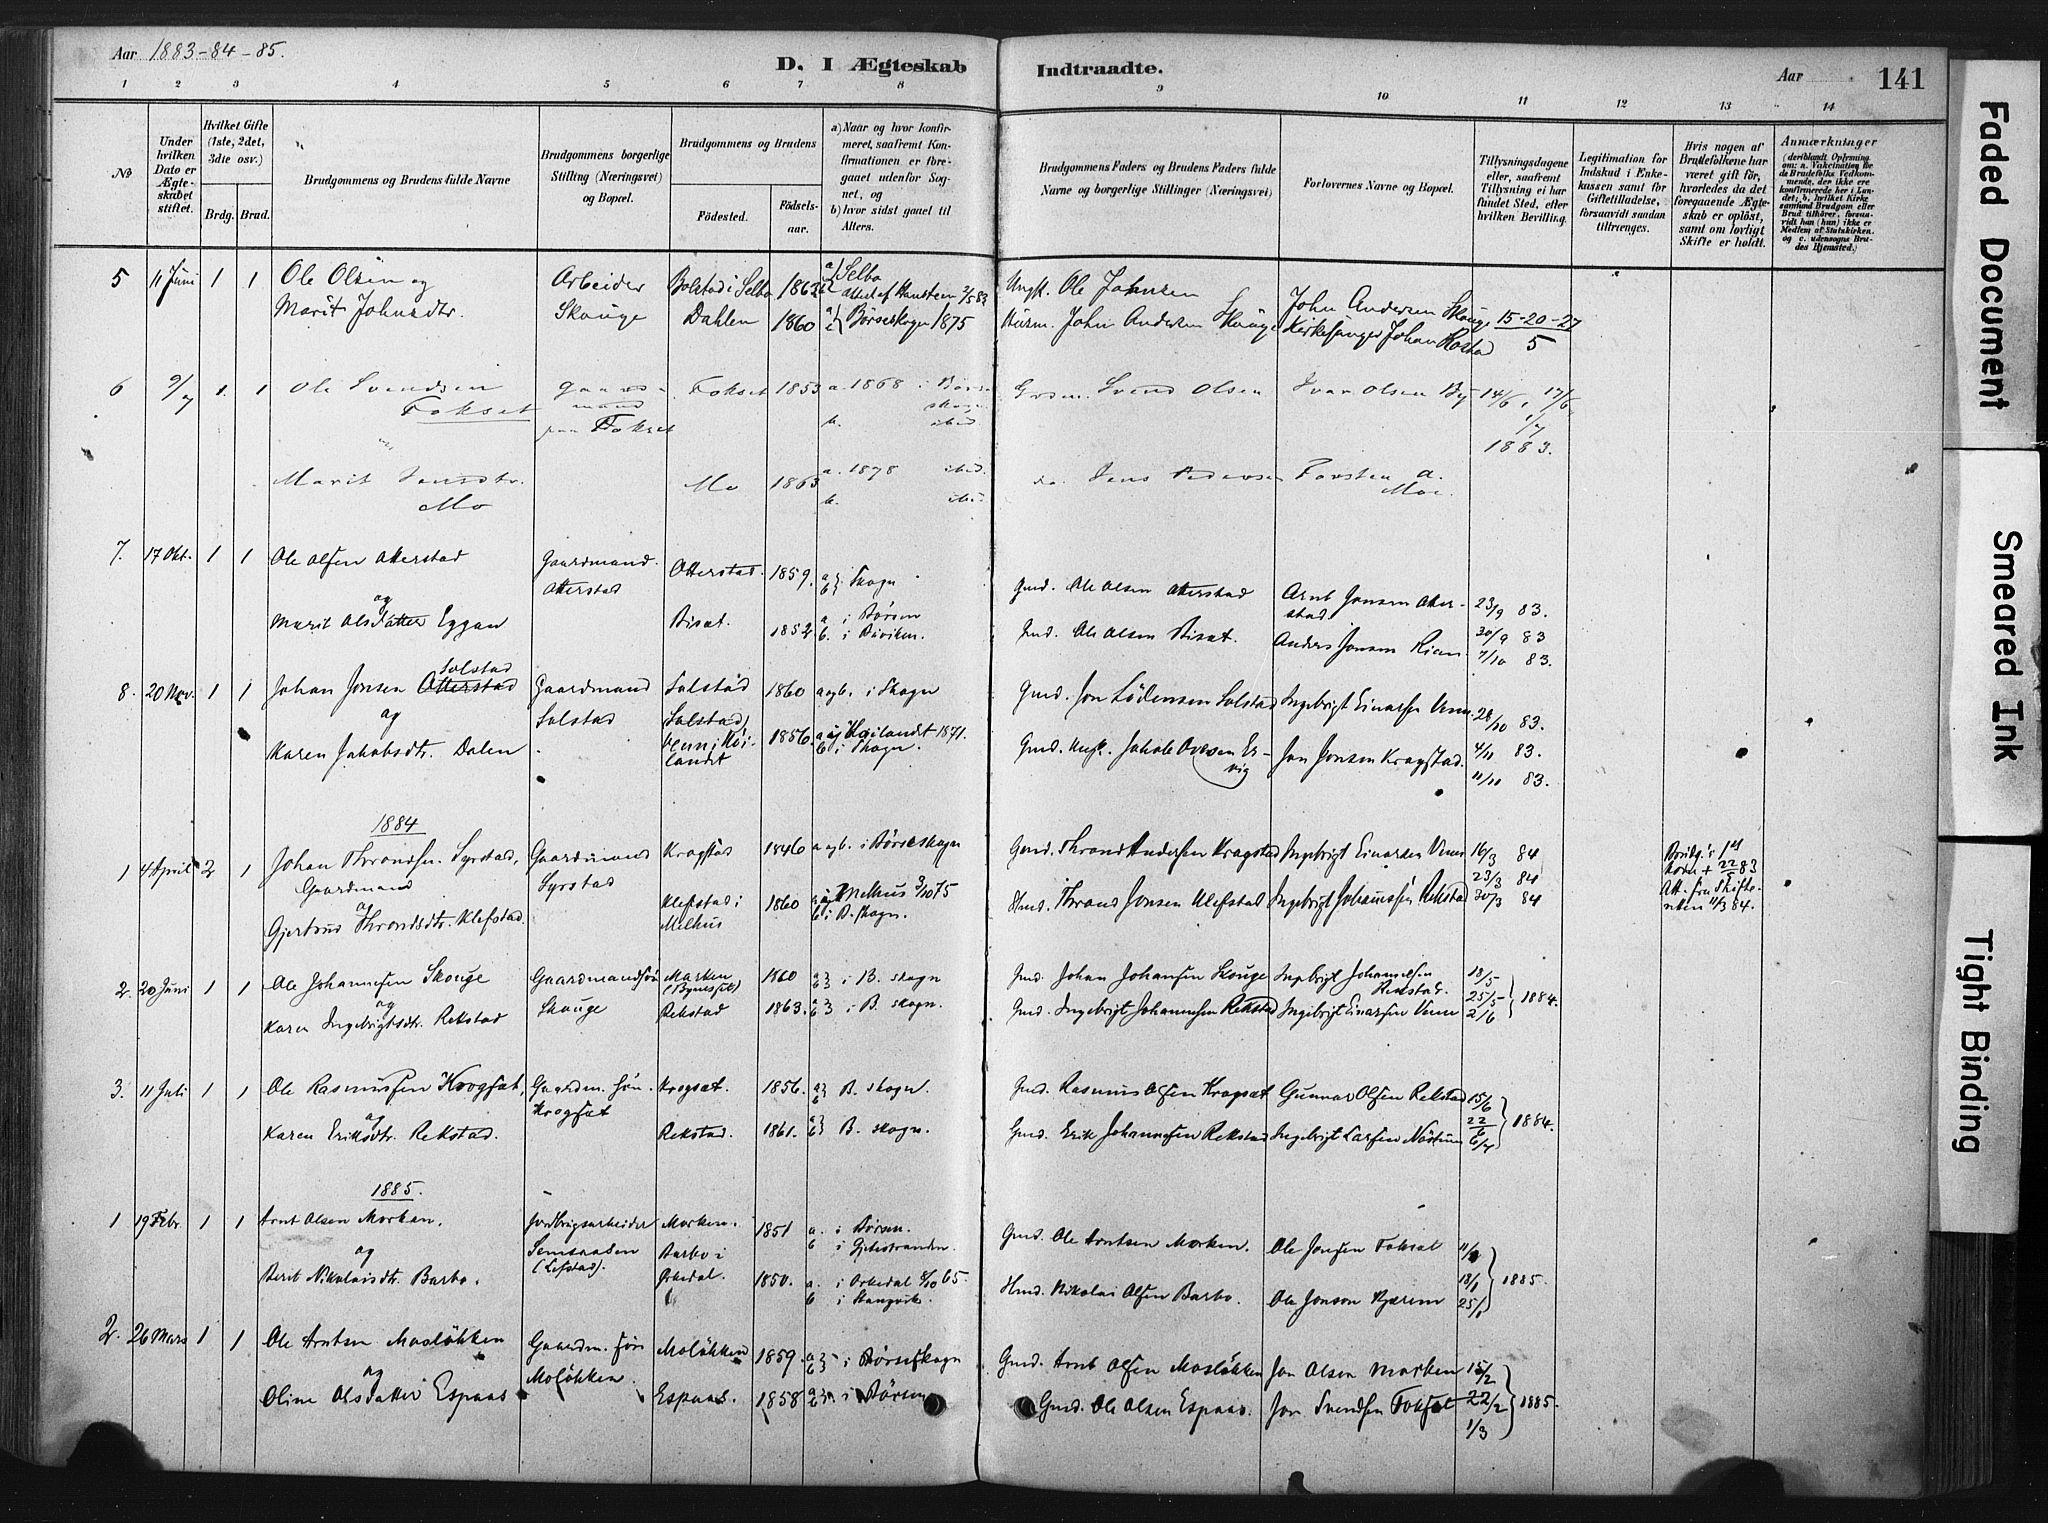 SAT, Ministerialprotokoller, klokkerbøker og fødselsregistre - Sør-Trøndelag, 667/L0795: Ministerialbok nr. 667A03, 1879-1907, s. 141